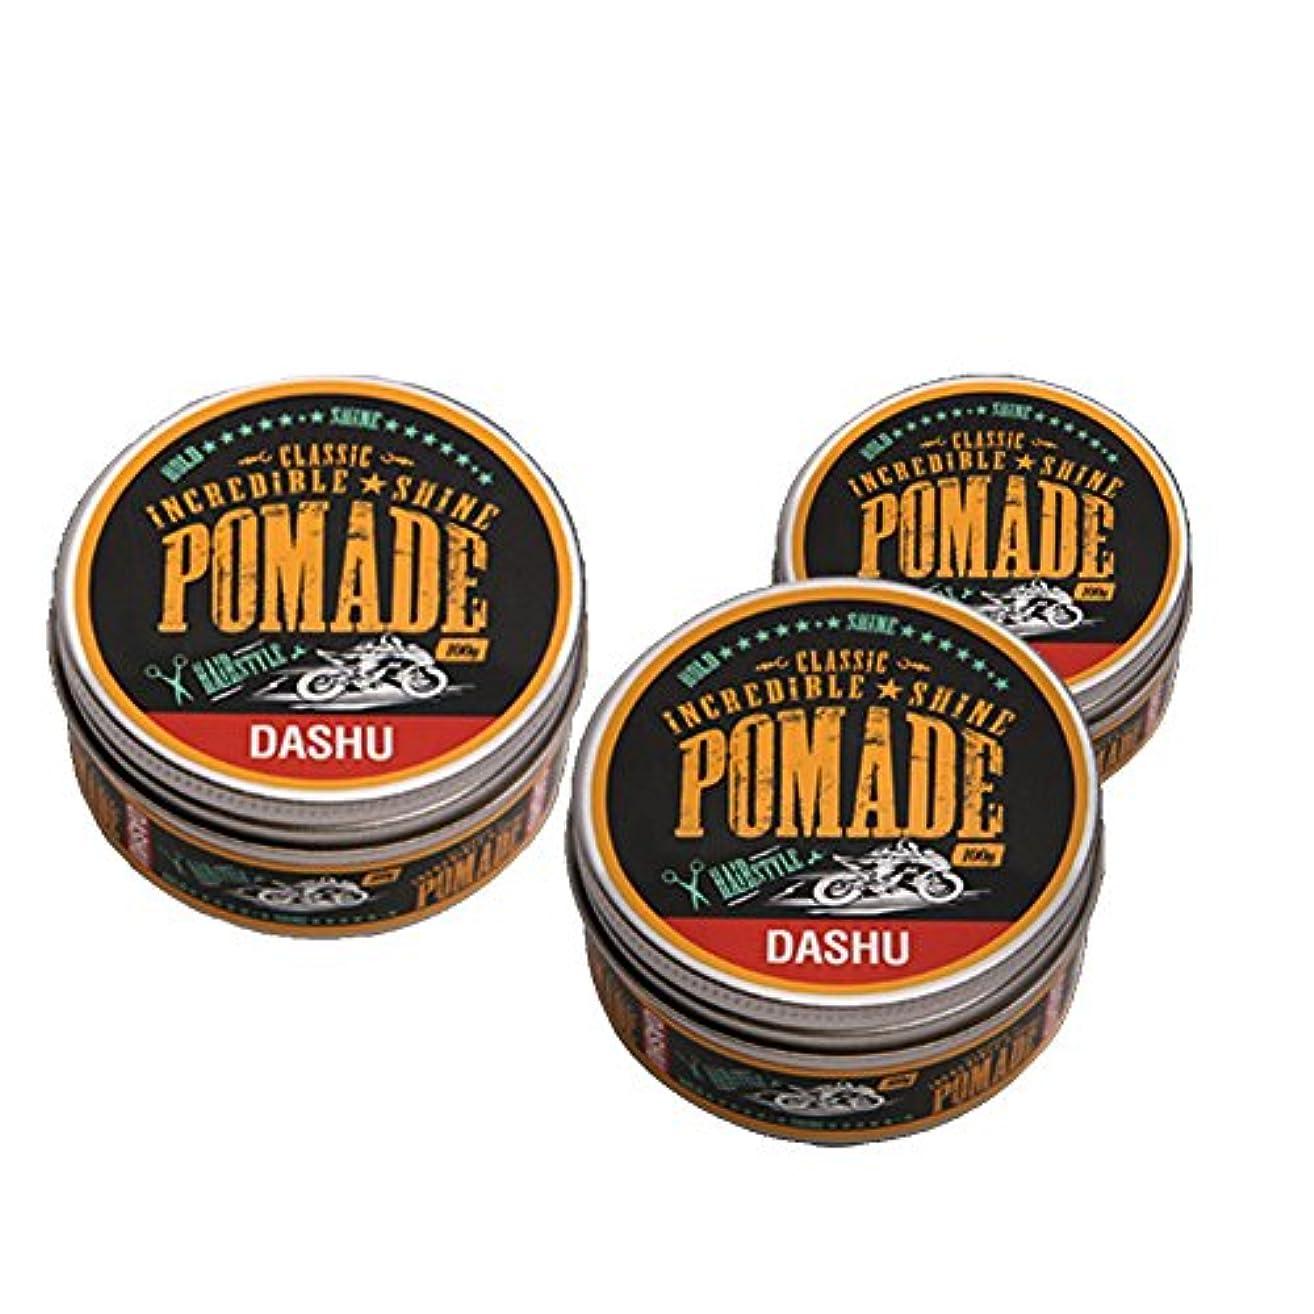 文言パイント黄ばむ(3個セット) x [DASHU] ダシュ クラシック 信じられないほどの輝き ポマードワックス Classic Incredible Shine Pomade Hair Wax 100ml / 韓国製 . 韓国直送品